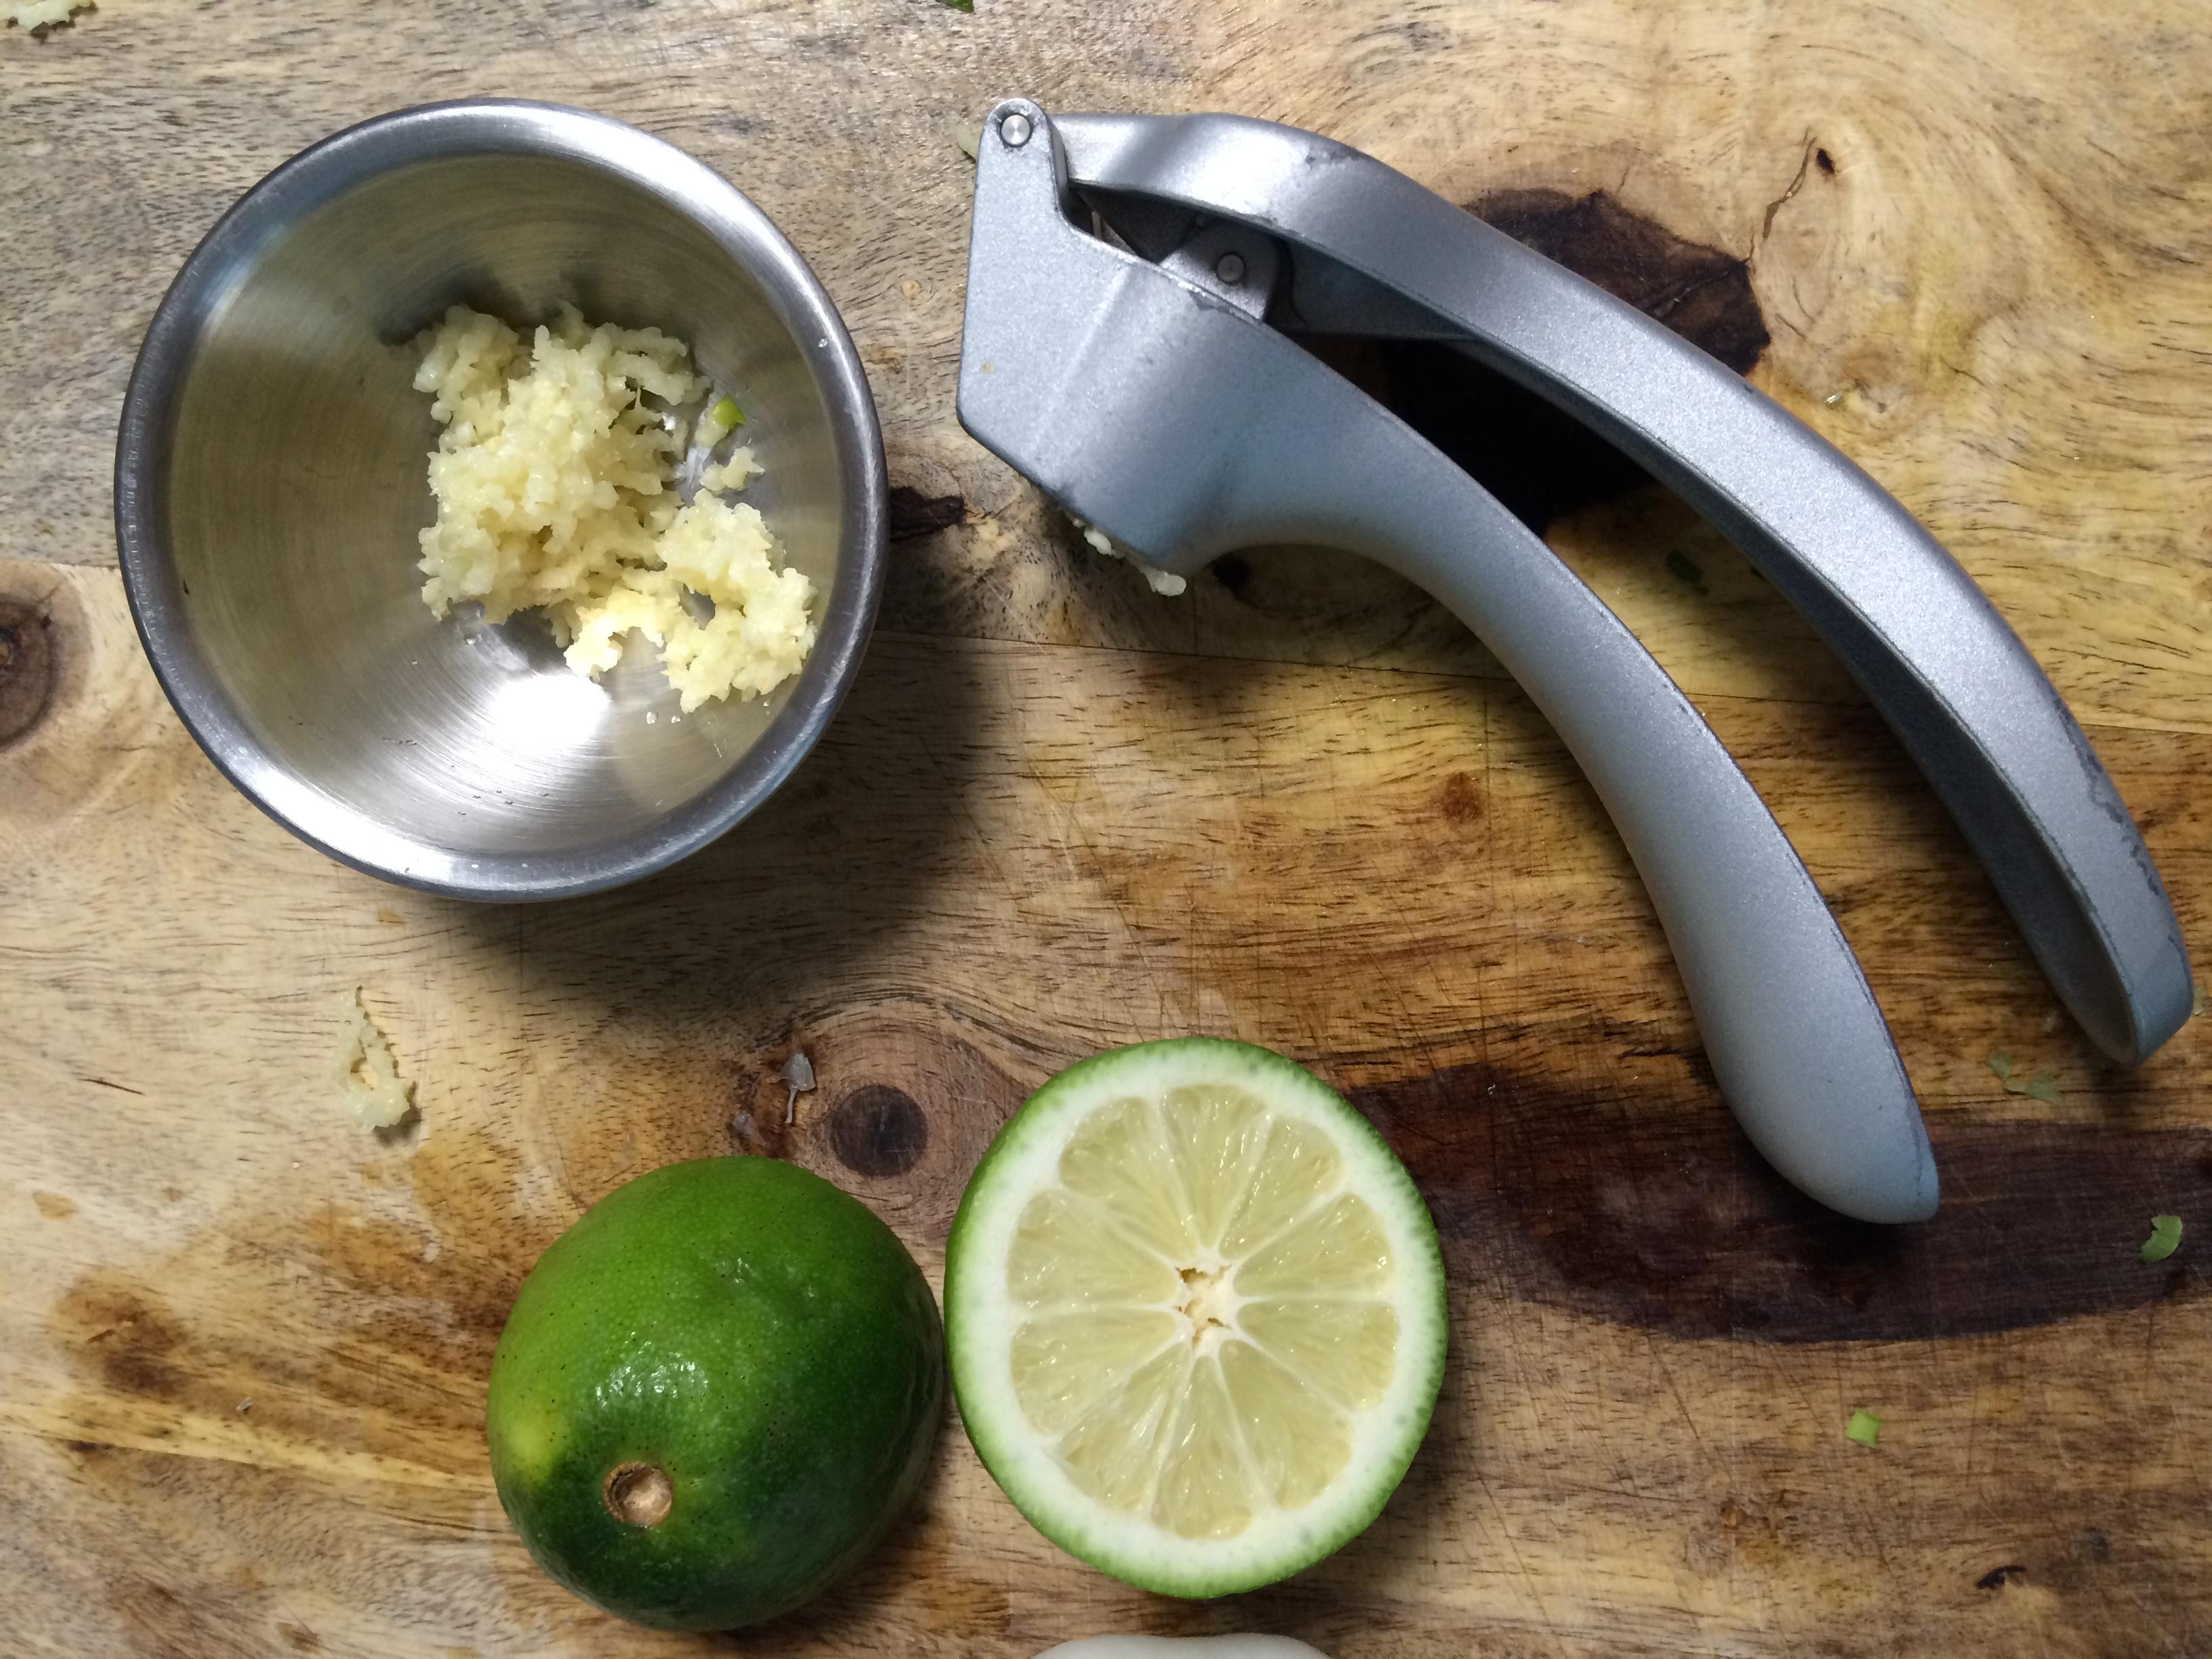 garlic press by Pampered Chef